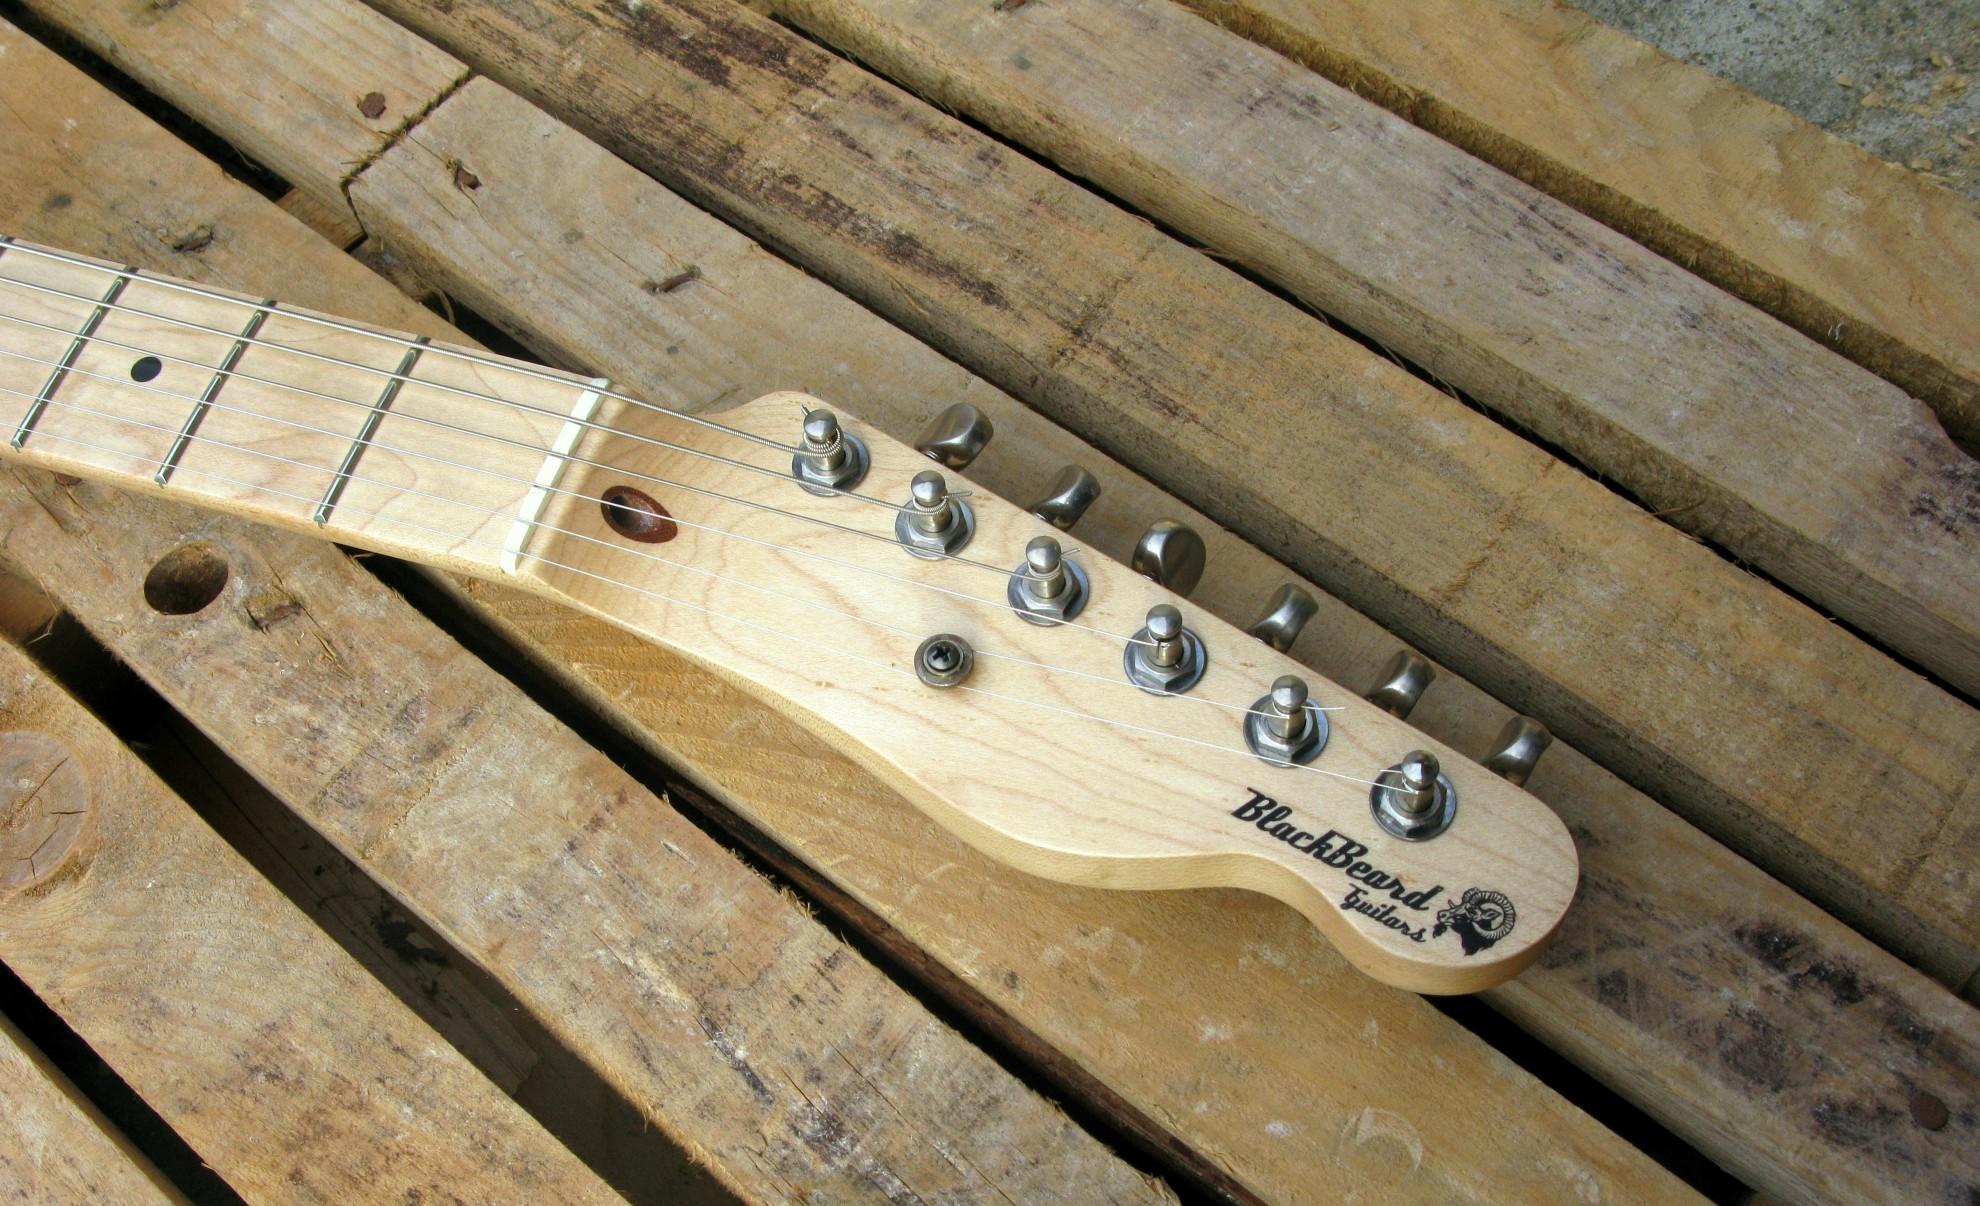 Paletta in acero di una chitarra Telecaster in castagno